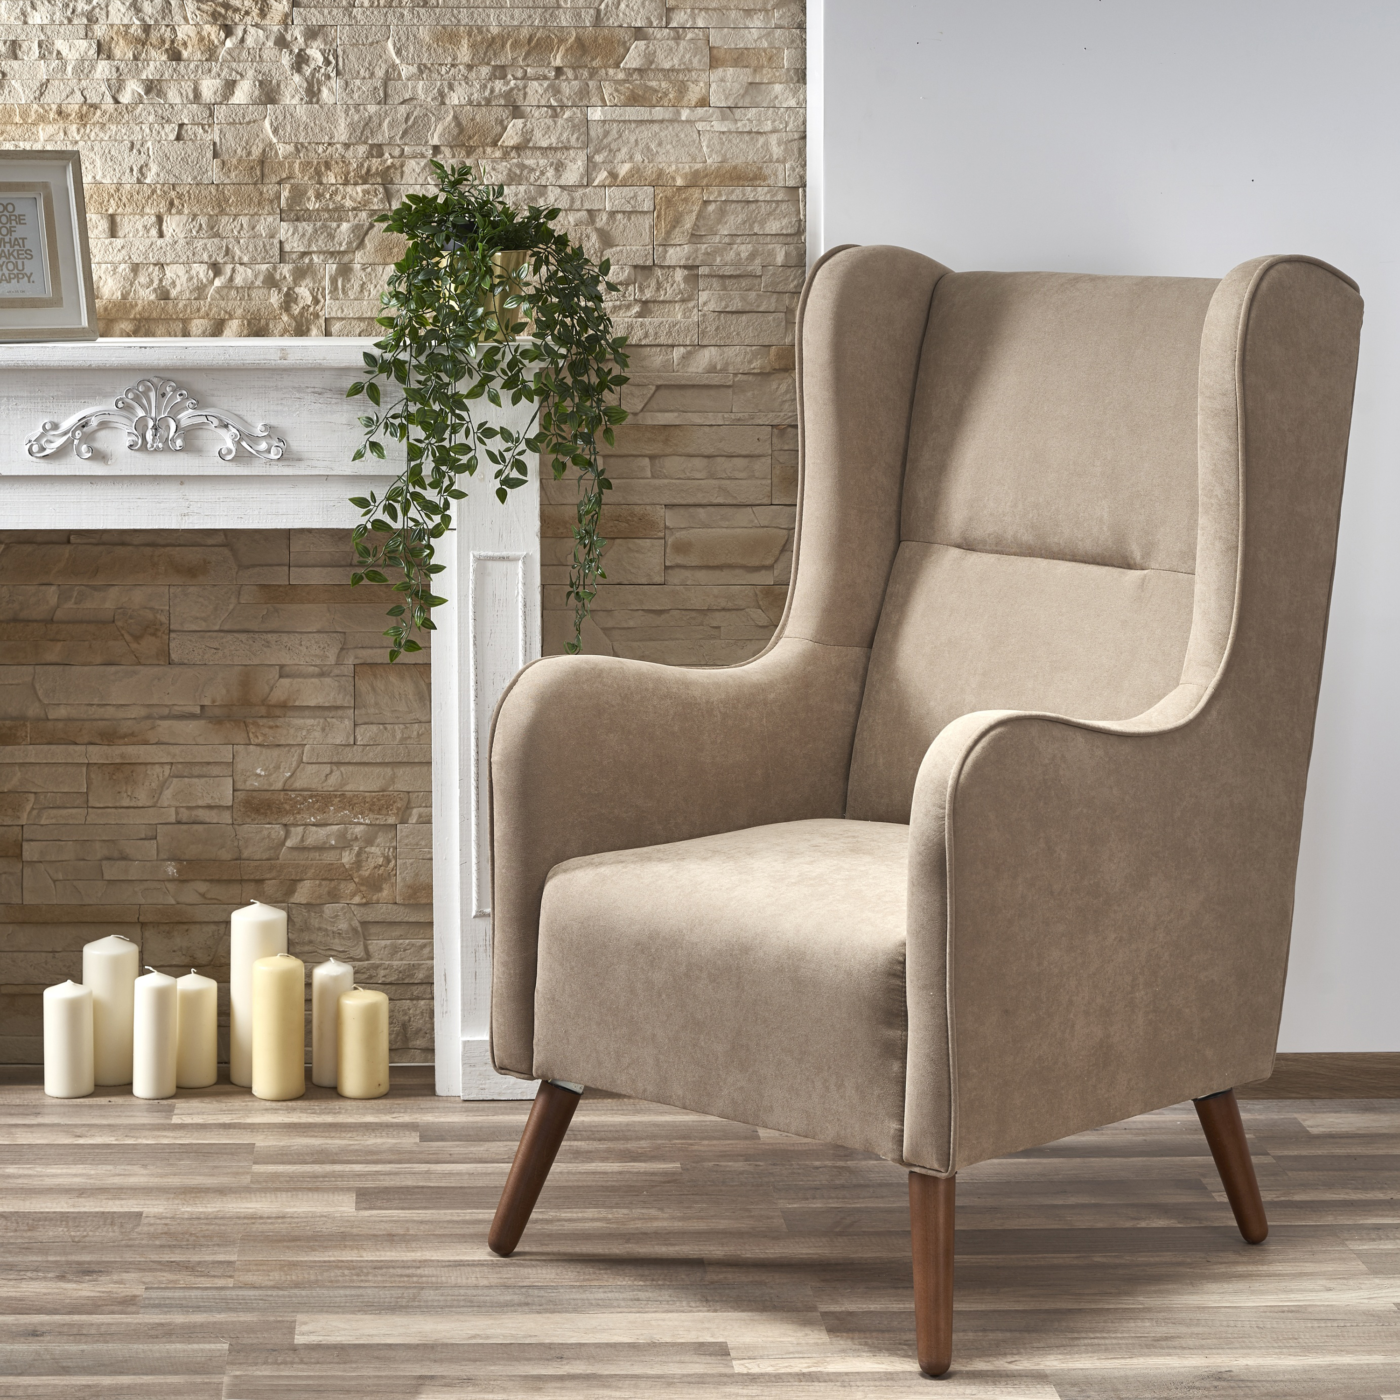 CHESTER fotel wypoczynkowy beżowy ( LIRA-1203 )